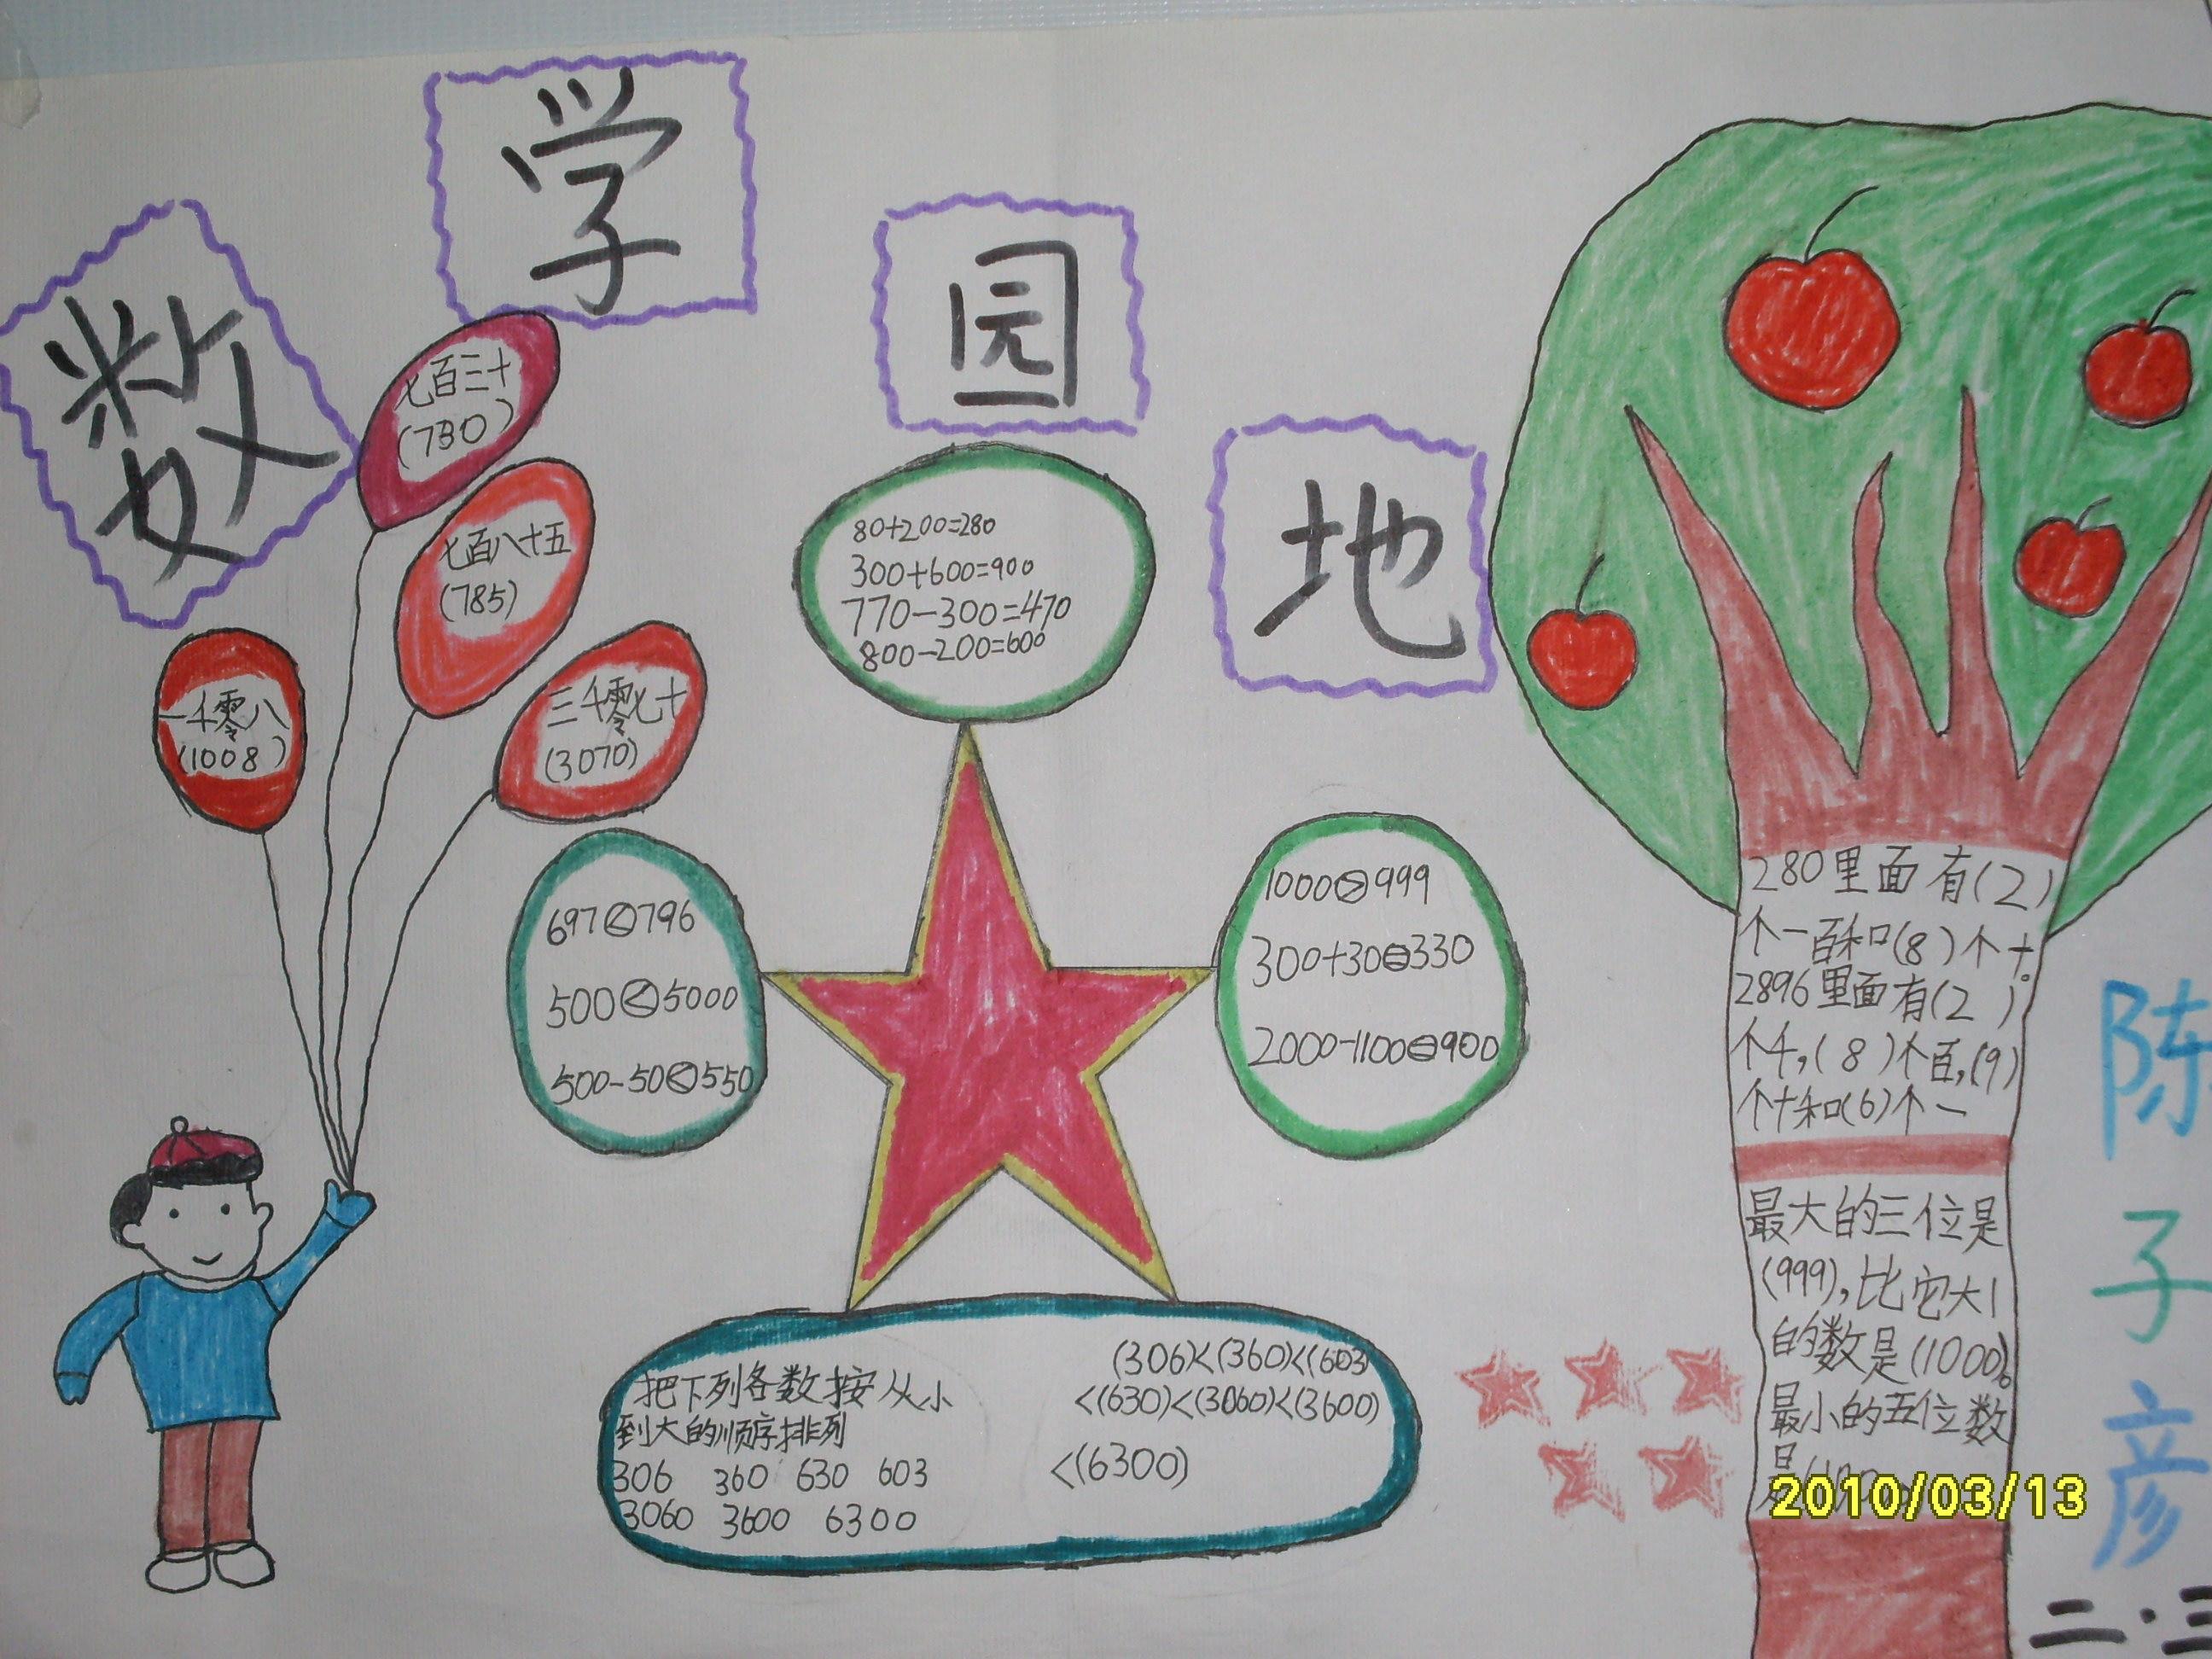 圆柱圆锥-关于数学的手抄报 数学大世界-关于数学的手抄报 数学天地